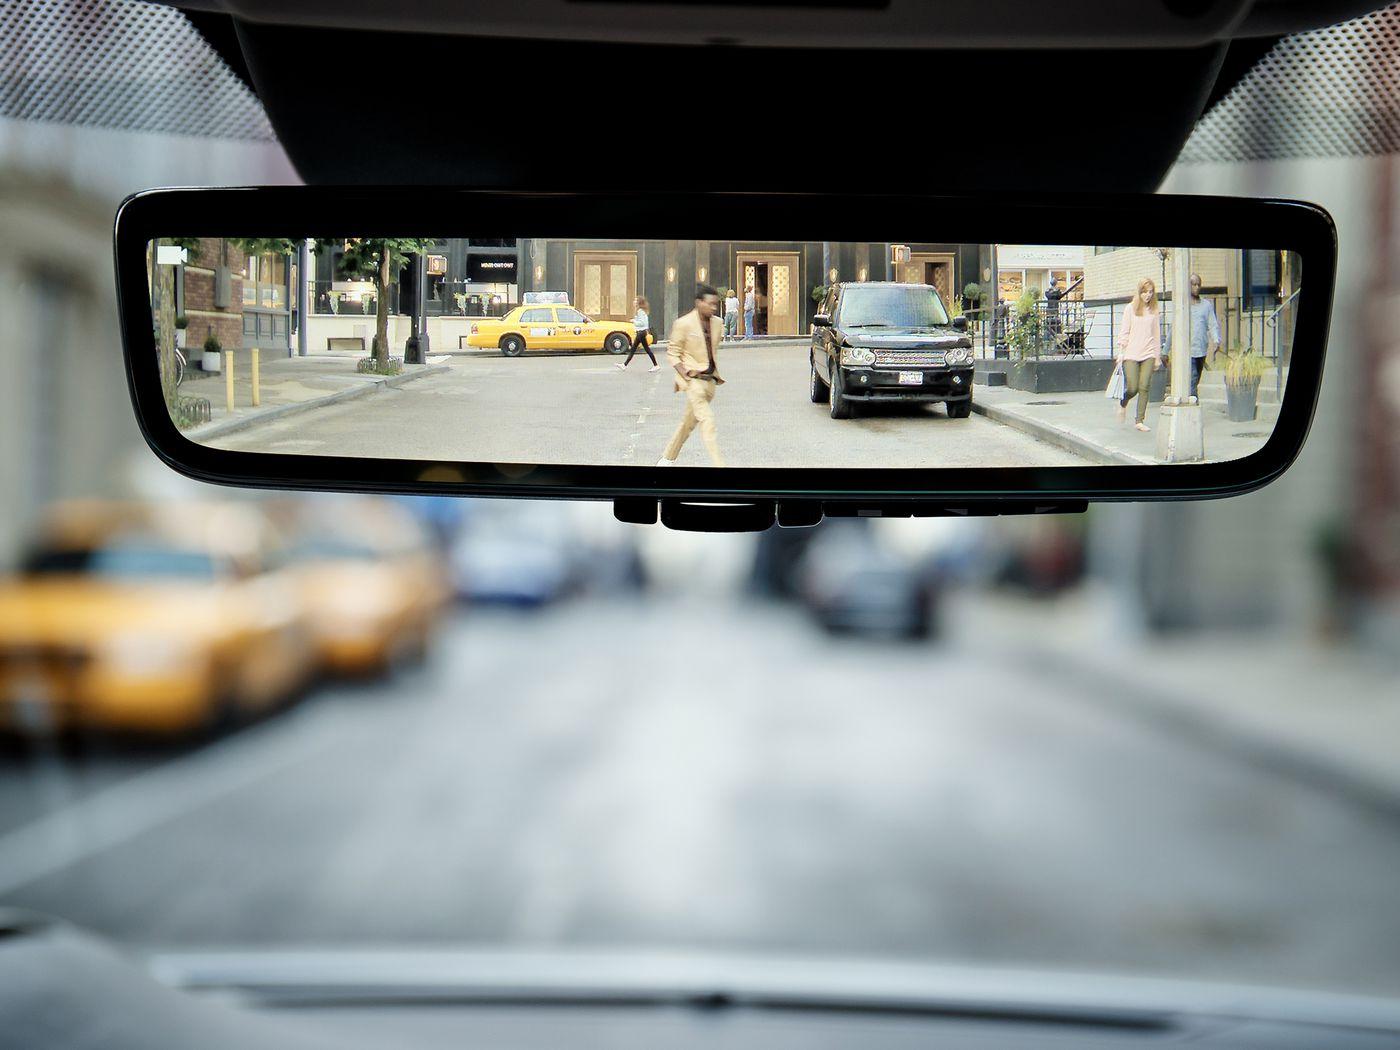 دوربین آینه ای خودرو چیست و چه مزایایی دارد ؟